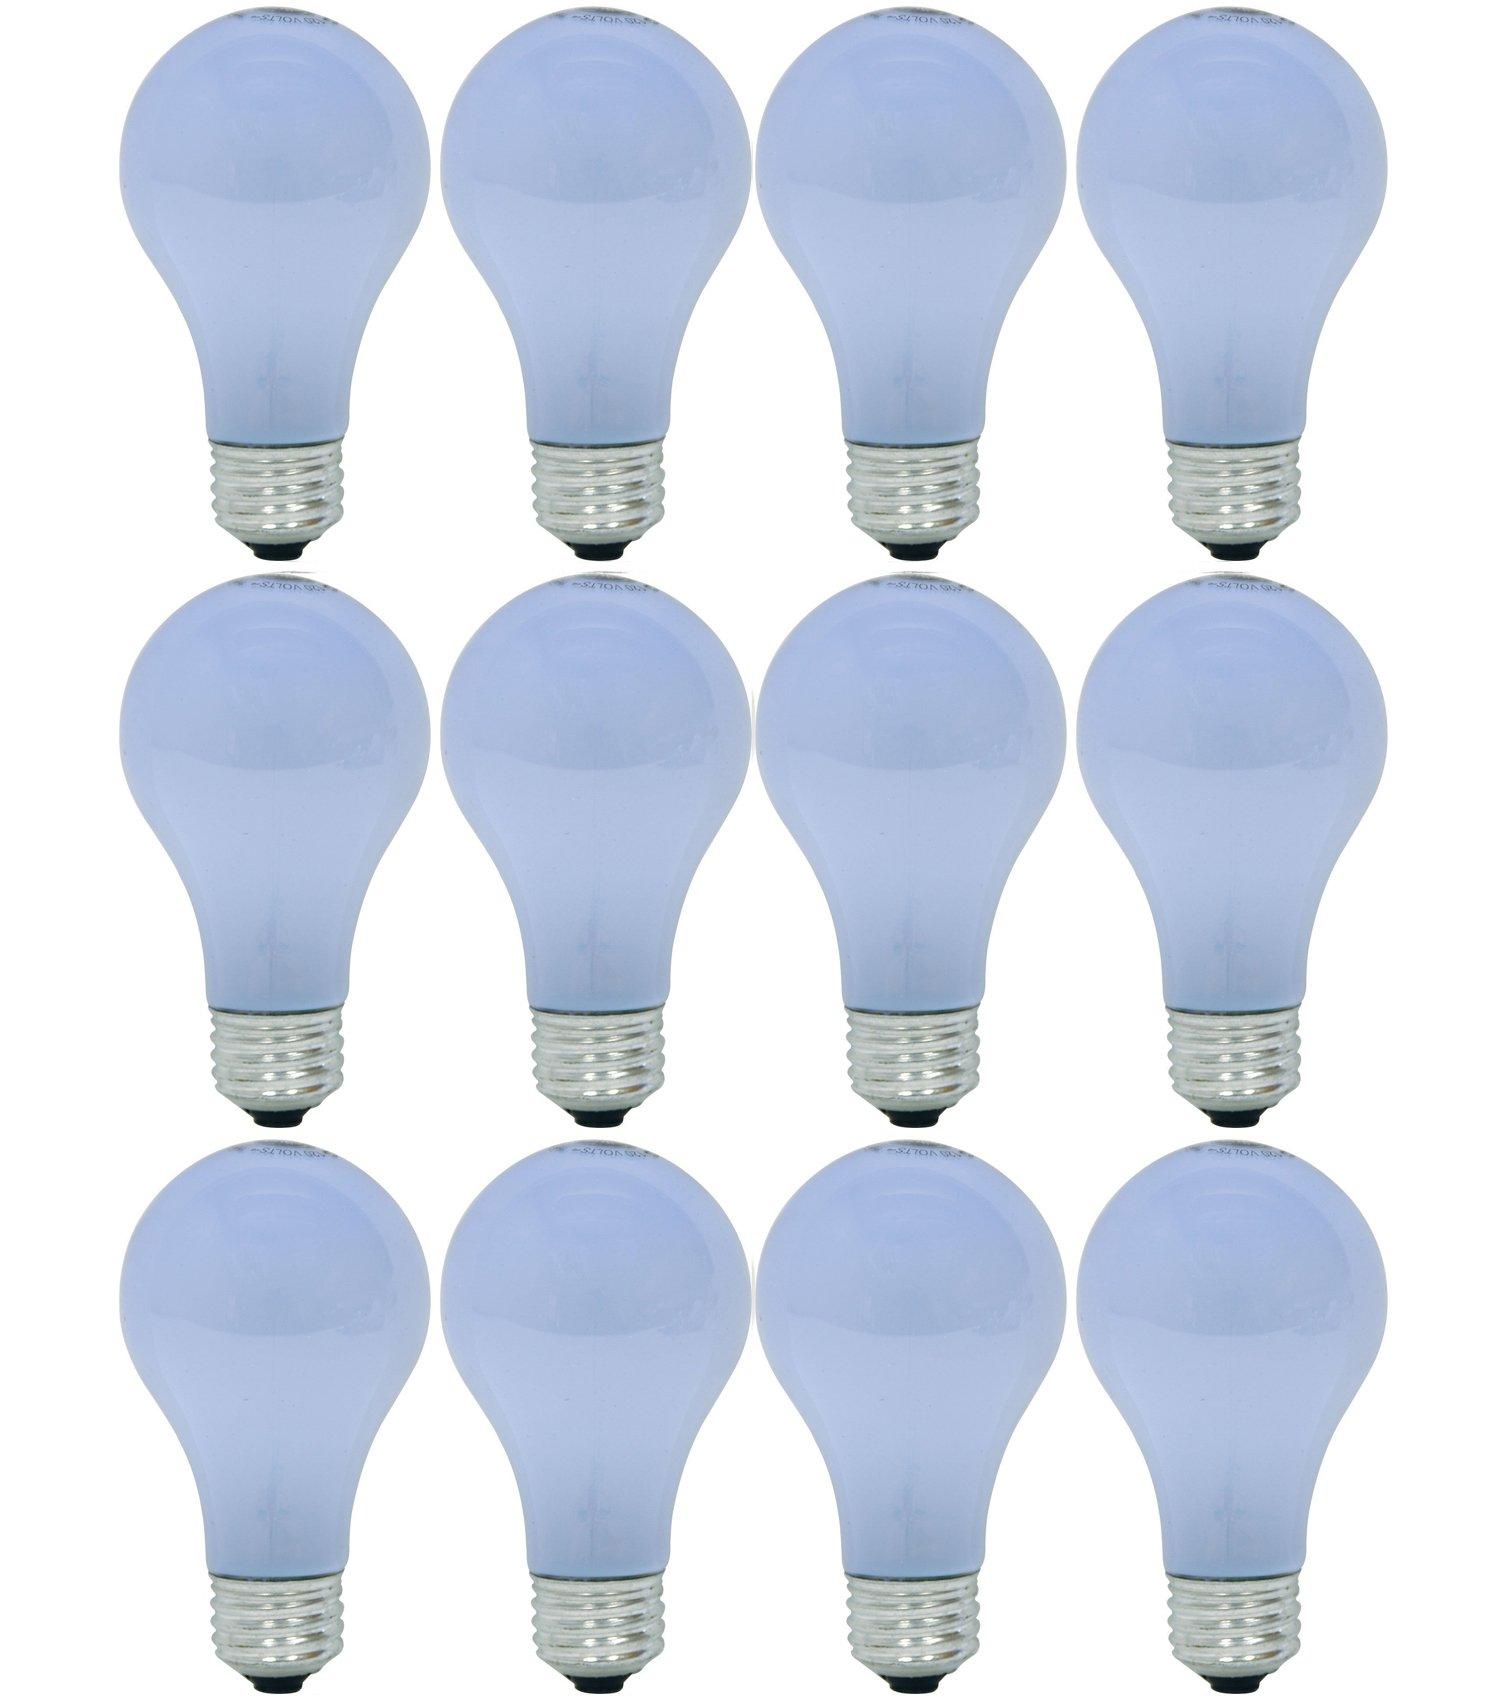 GE Lighting 63006 Reveal 29-Watt (40-watt replacement) 325-Lumen A19 Light Bulb with Medium Base, 12-Pack